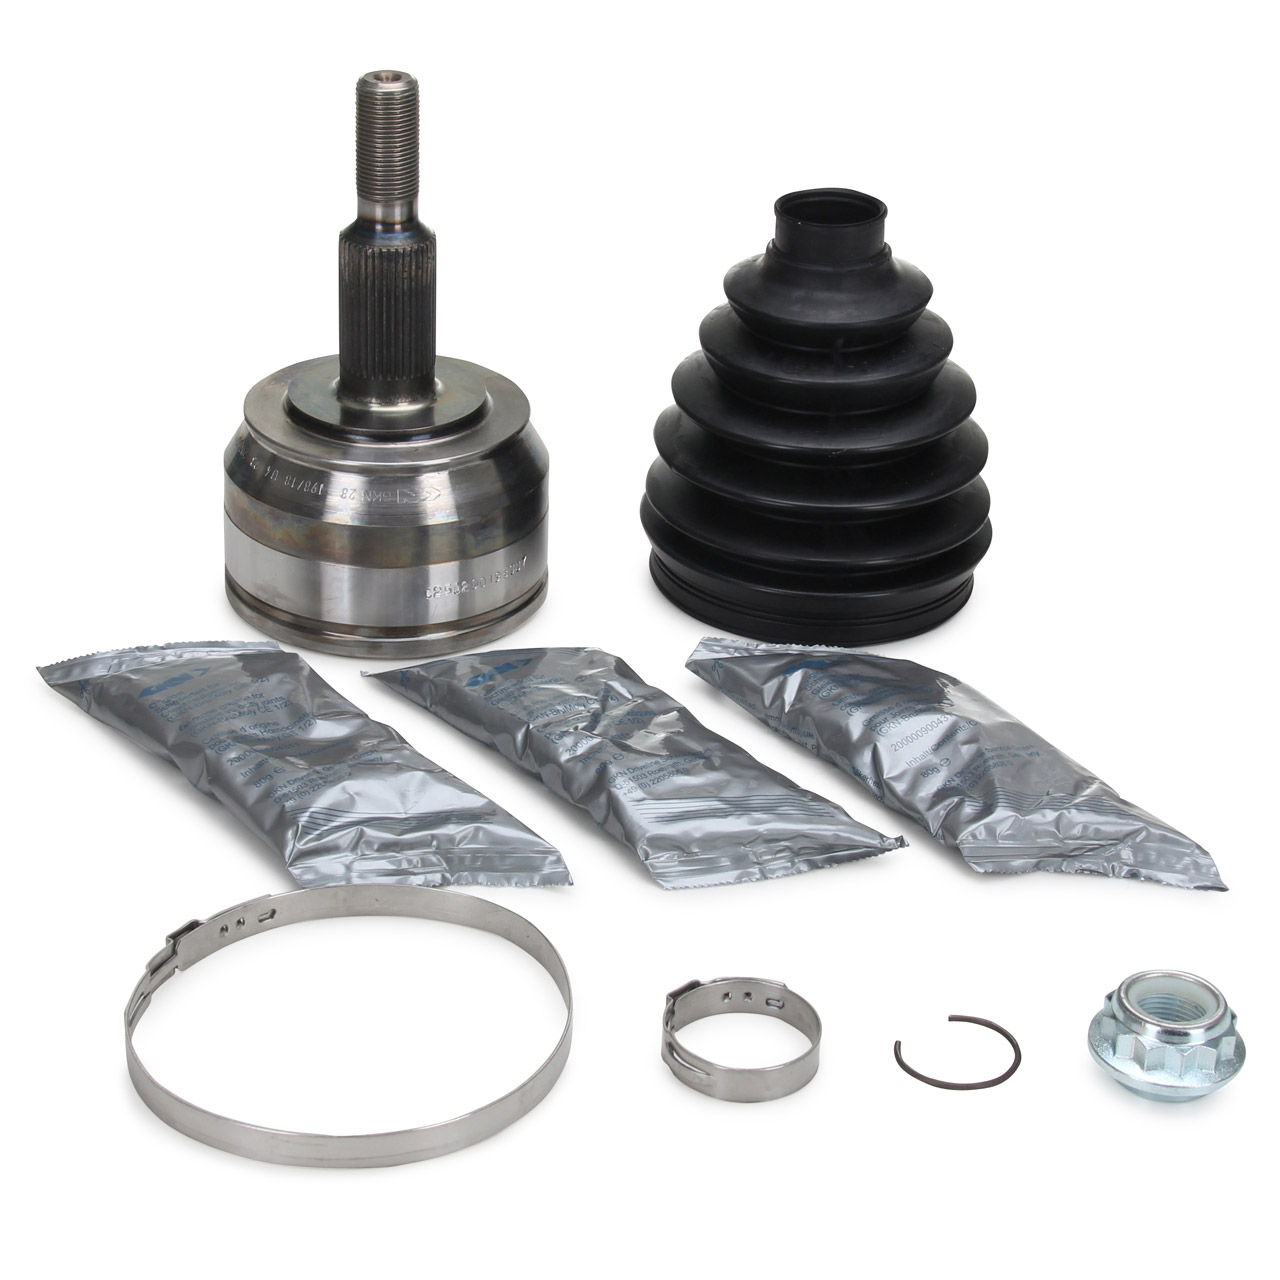 SPIDAN Antriebsgelenk Gelenksatz SEAT Altea 1.8 VW T5 2.0-3.2 vorne radseitig 7H0498099BX